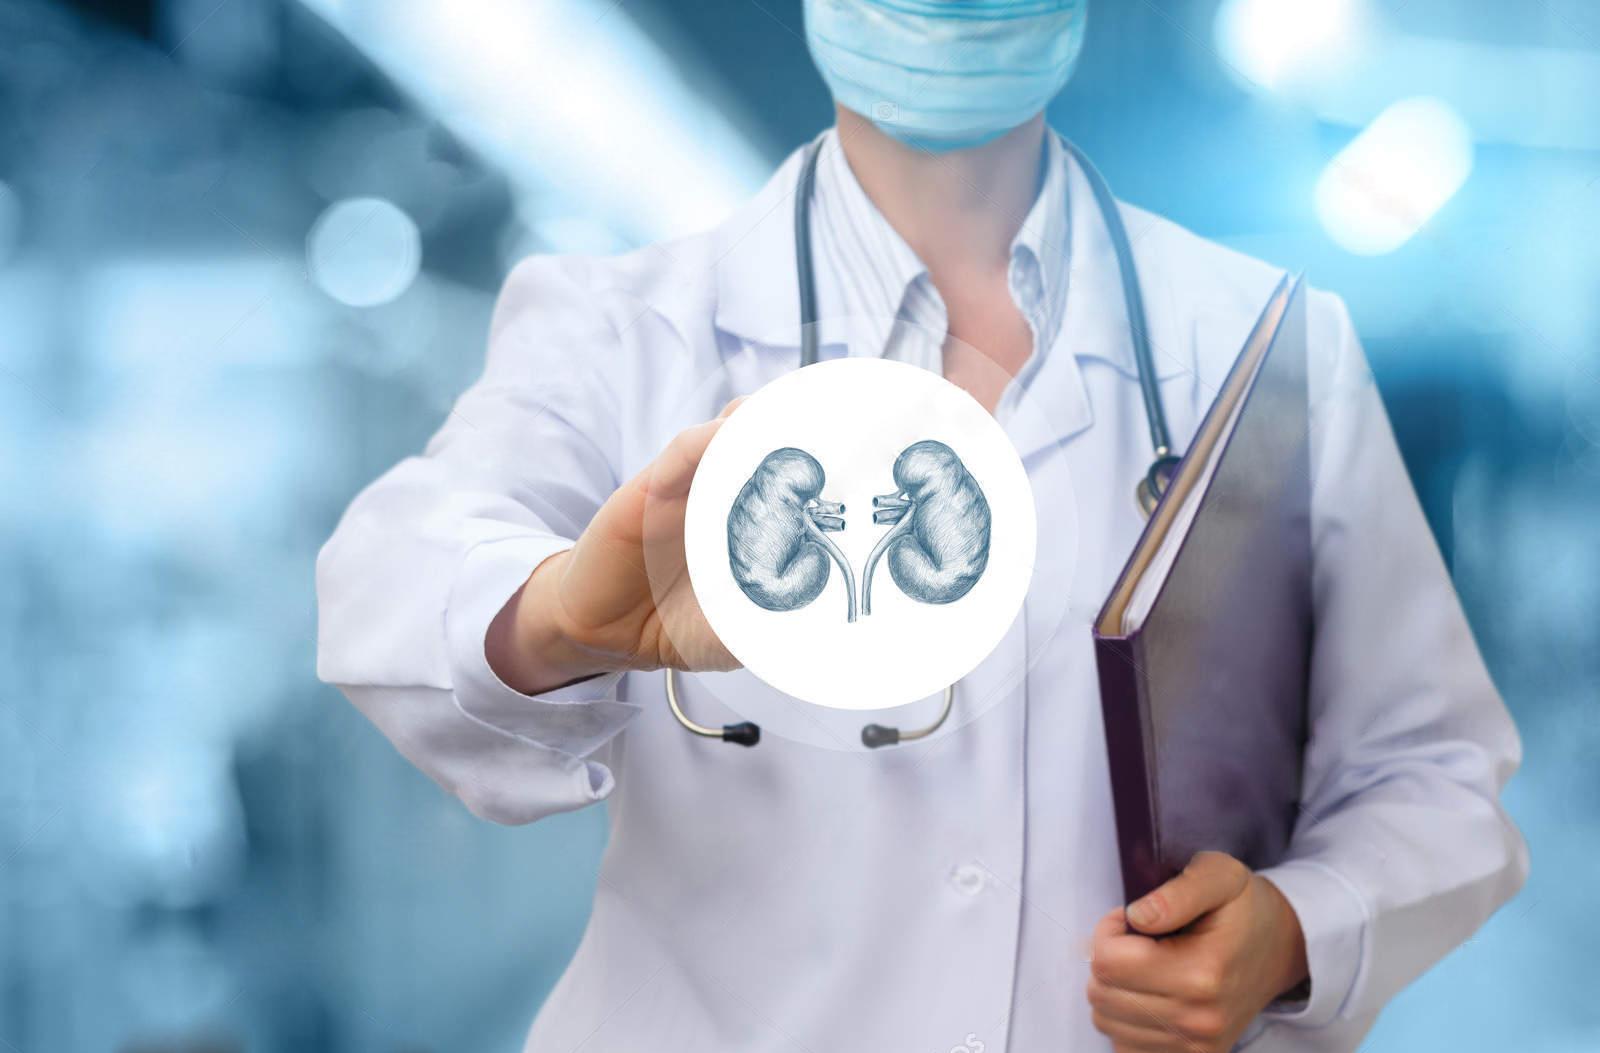 با این تکنیک های ساده از بیماری های کلیوی پیشگیری کنید